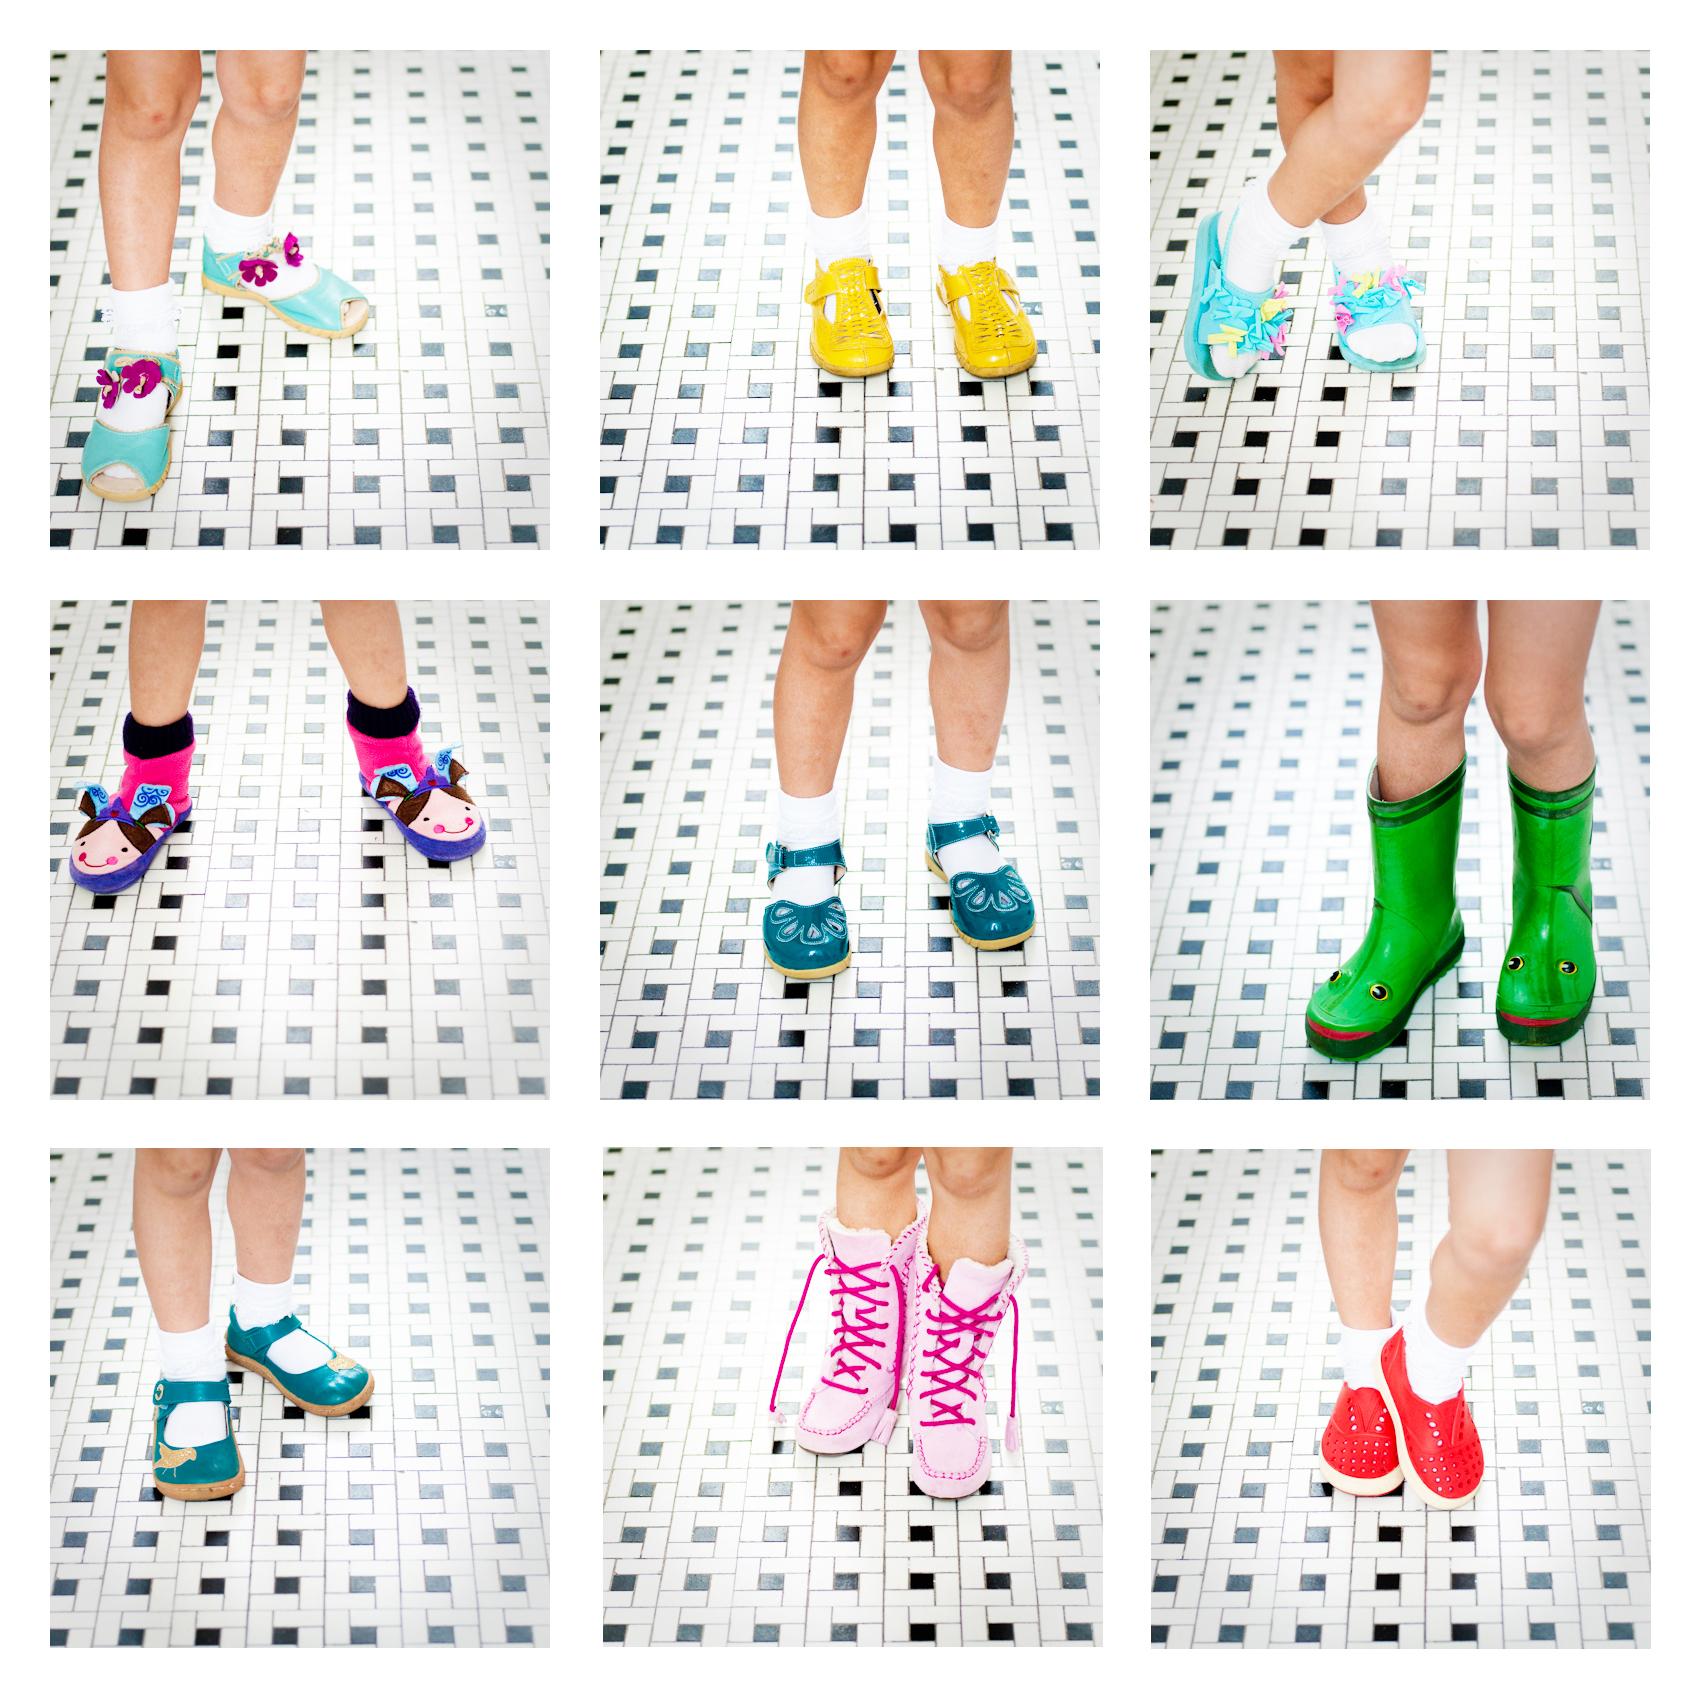 shoes-4 copy.jpg